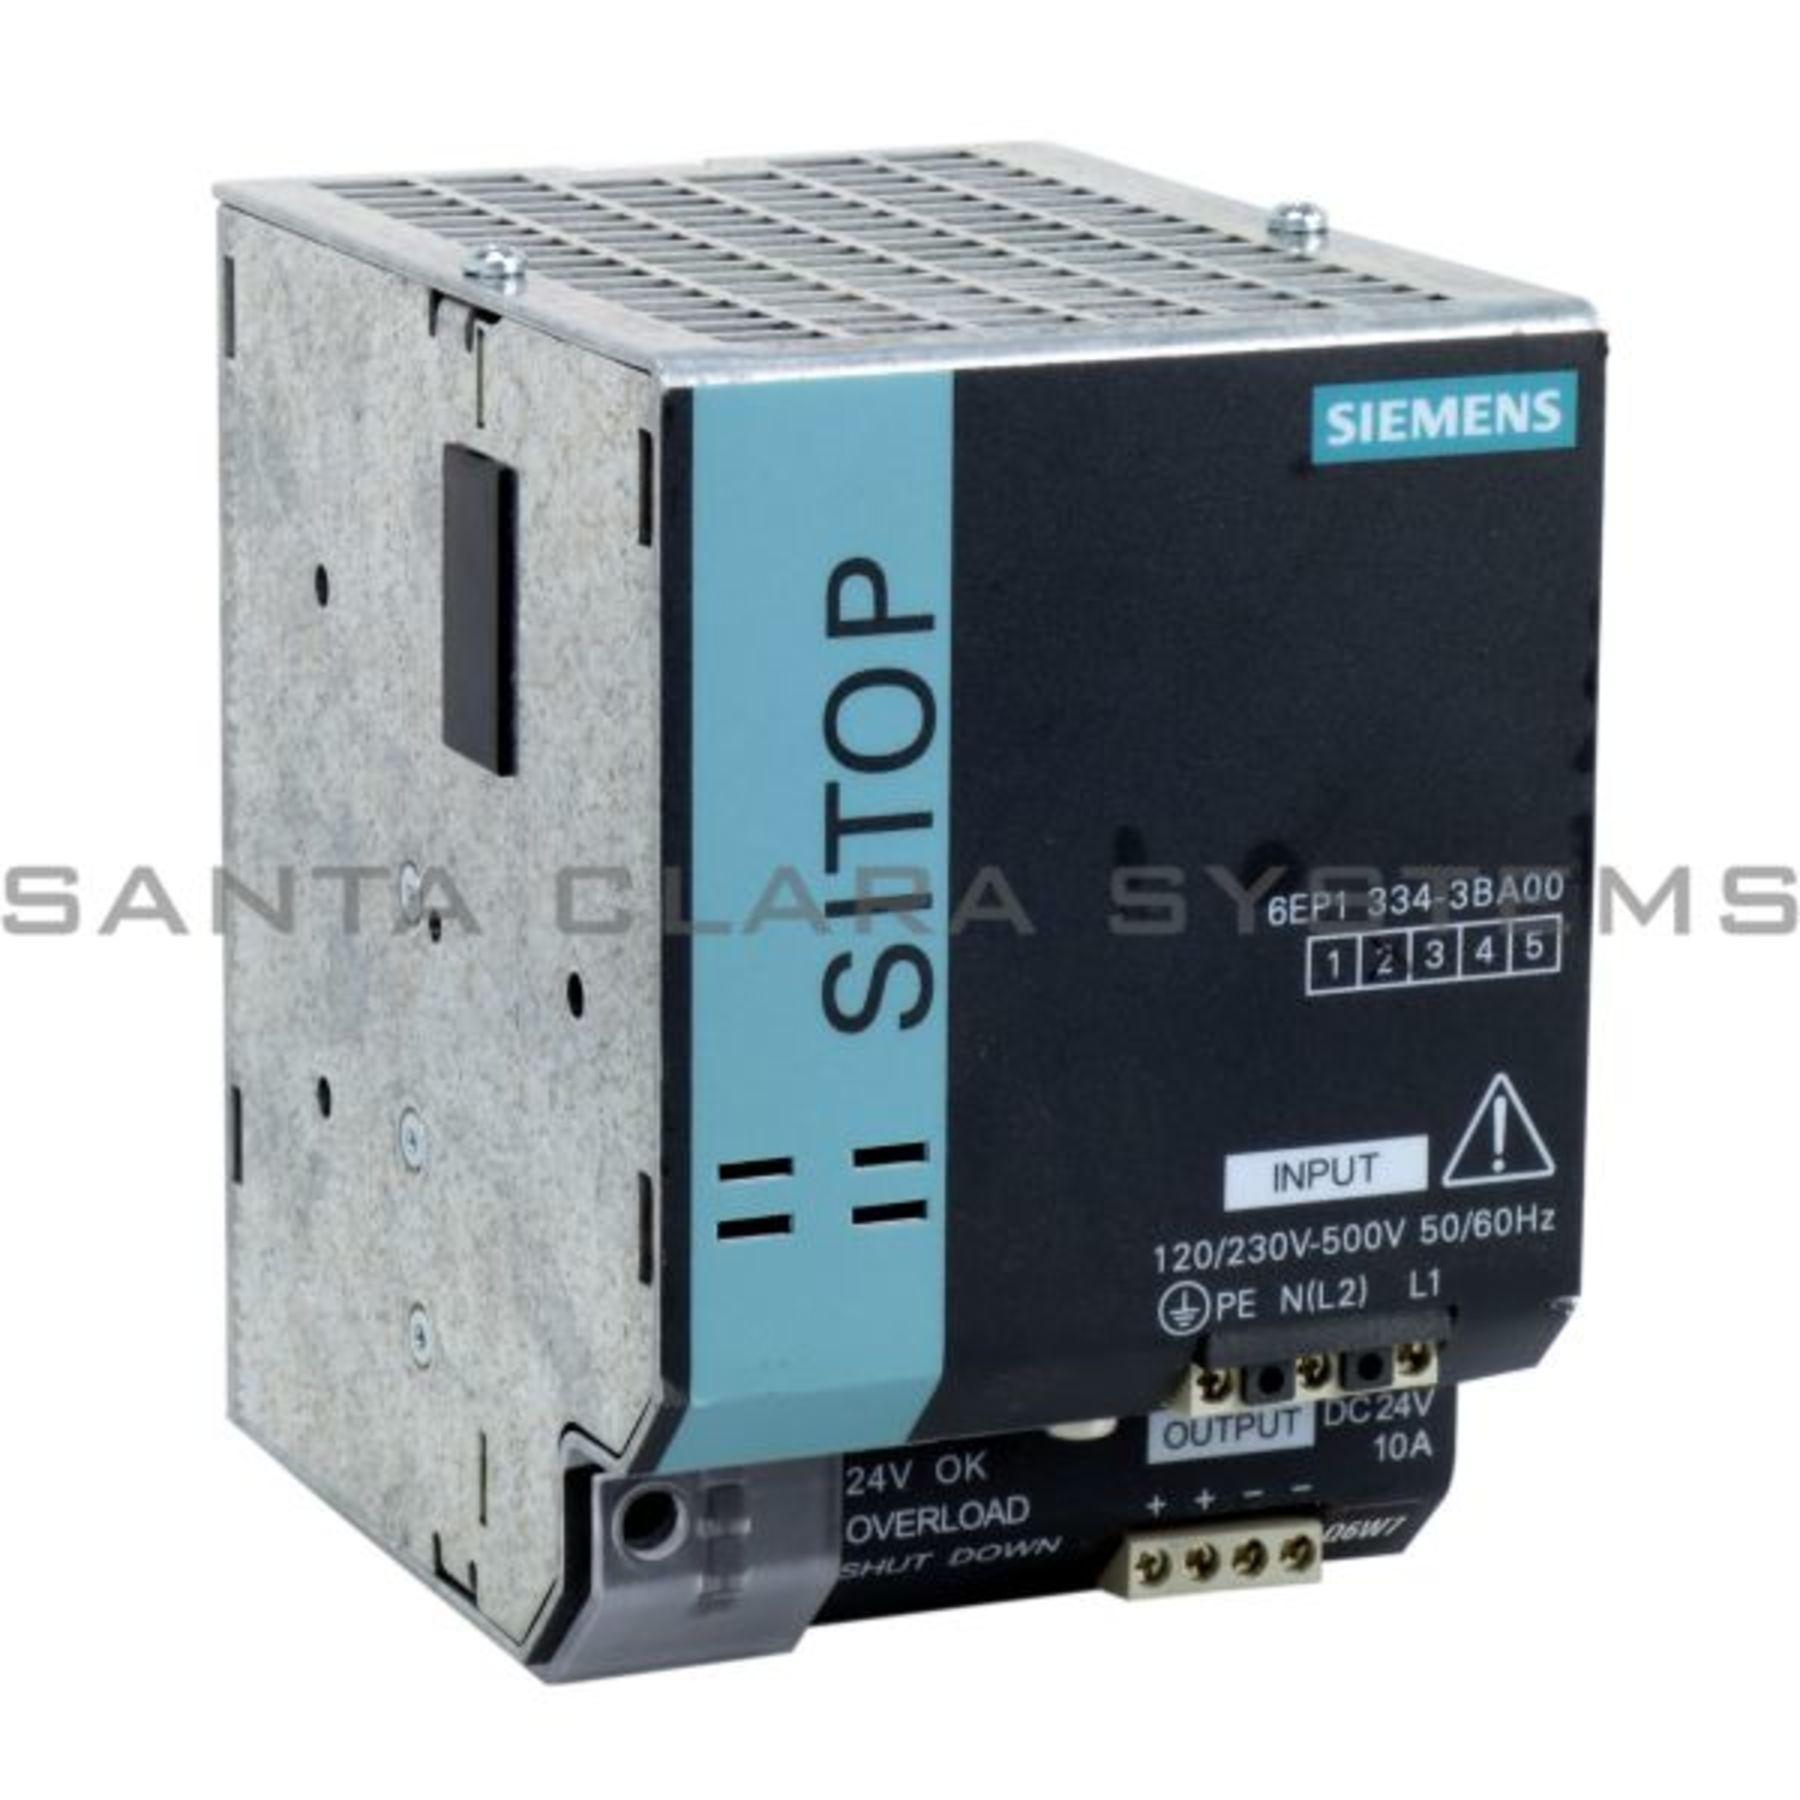 Siemens 6EP1334-3BA00 Sitop 6EP1 334-3BA00 E:01